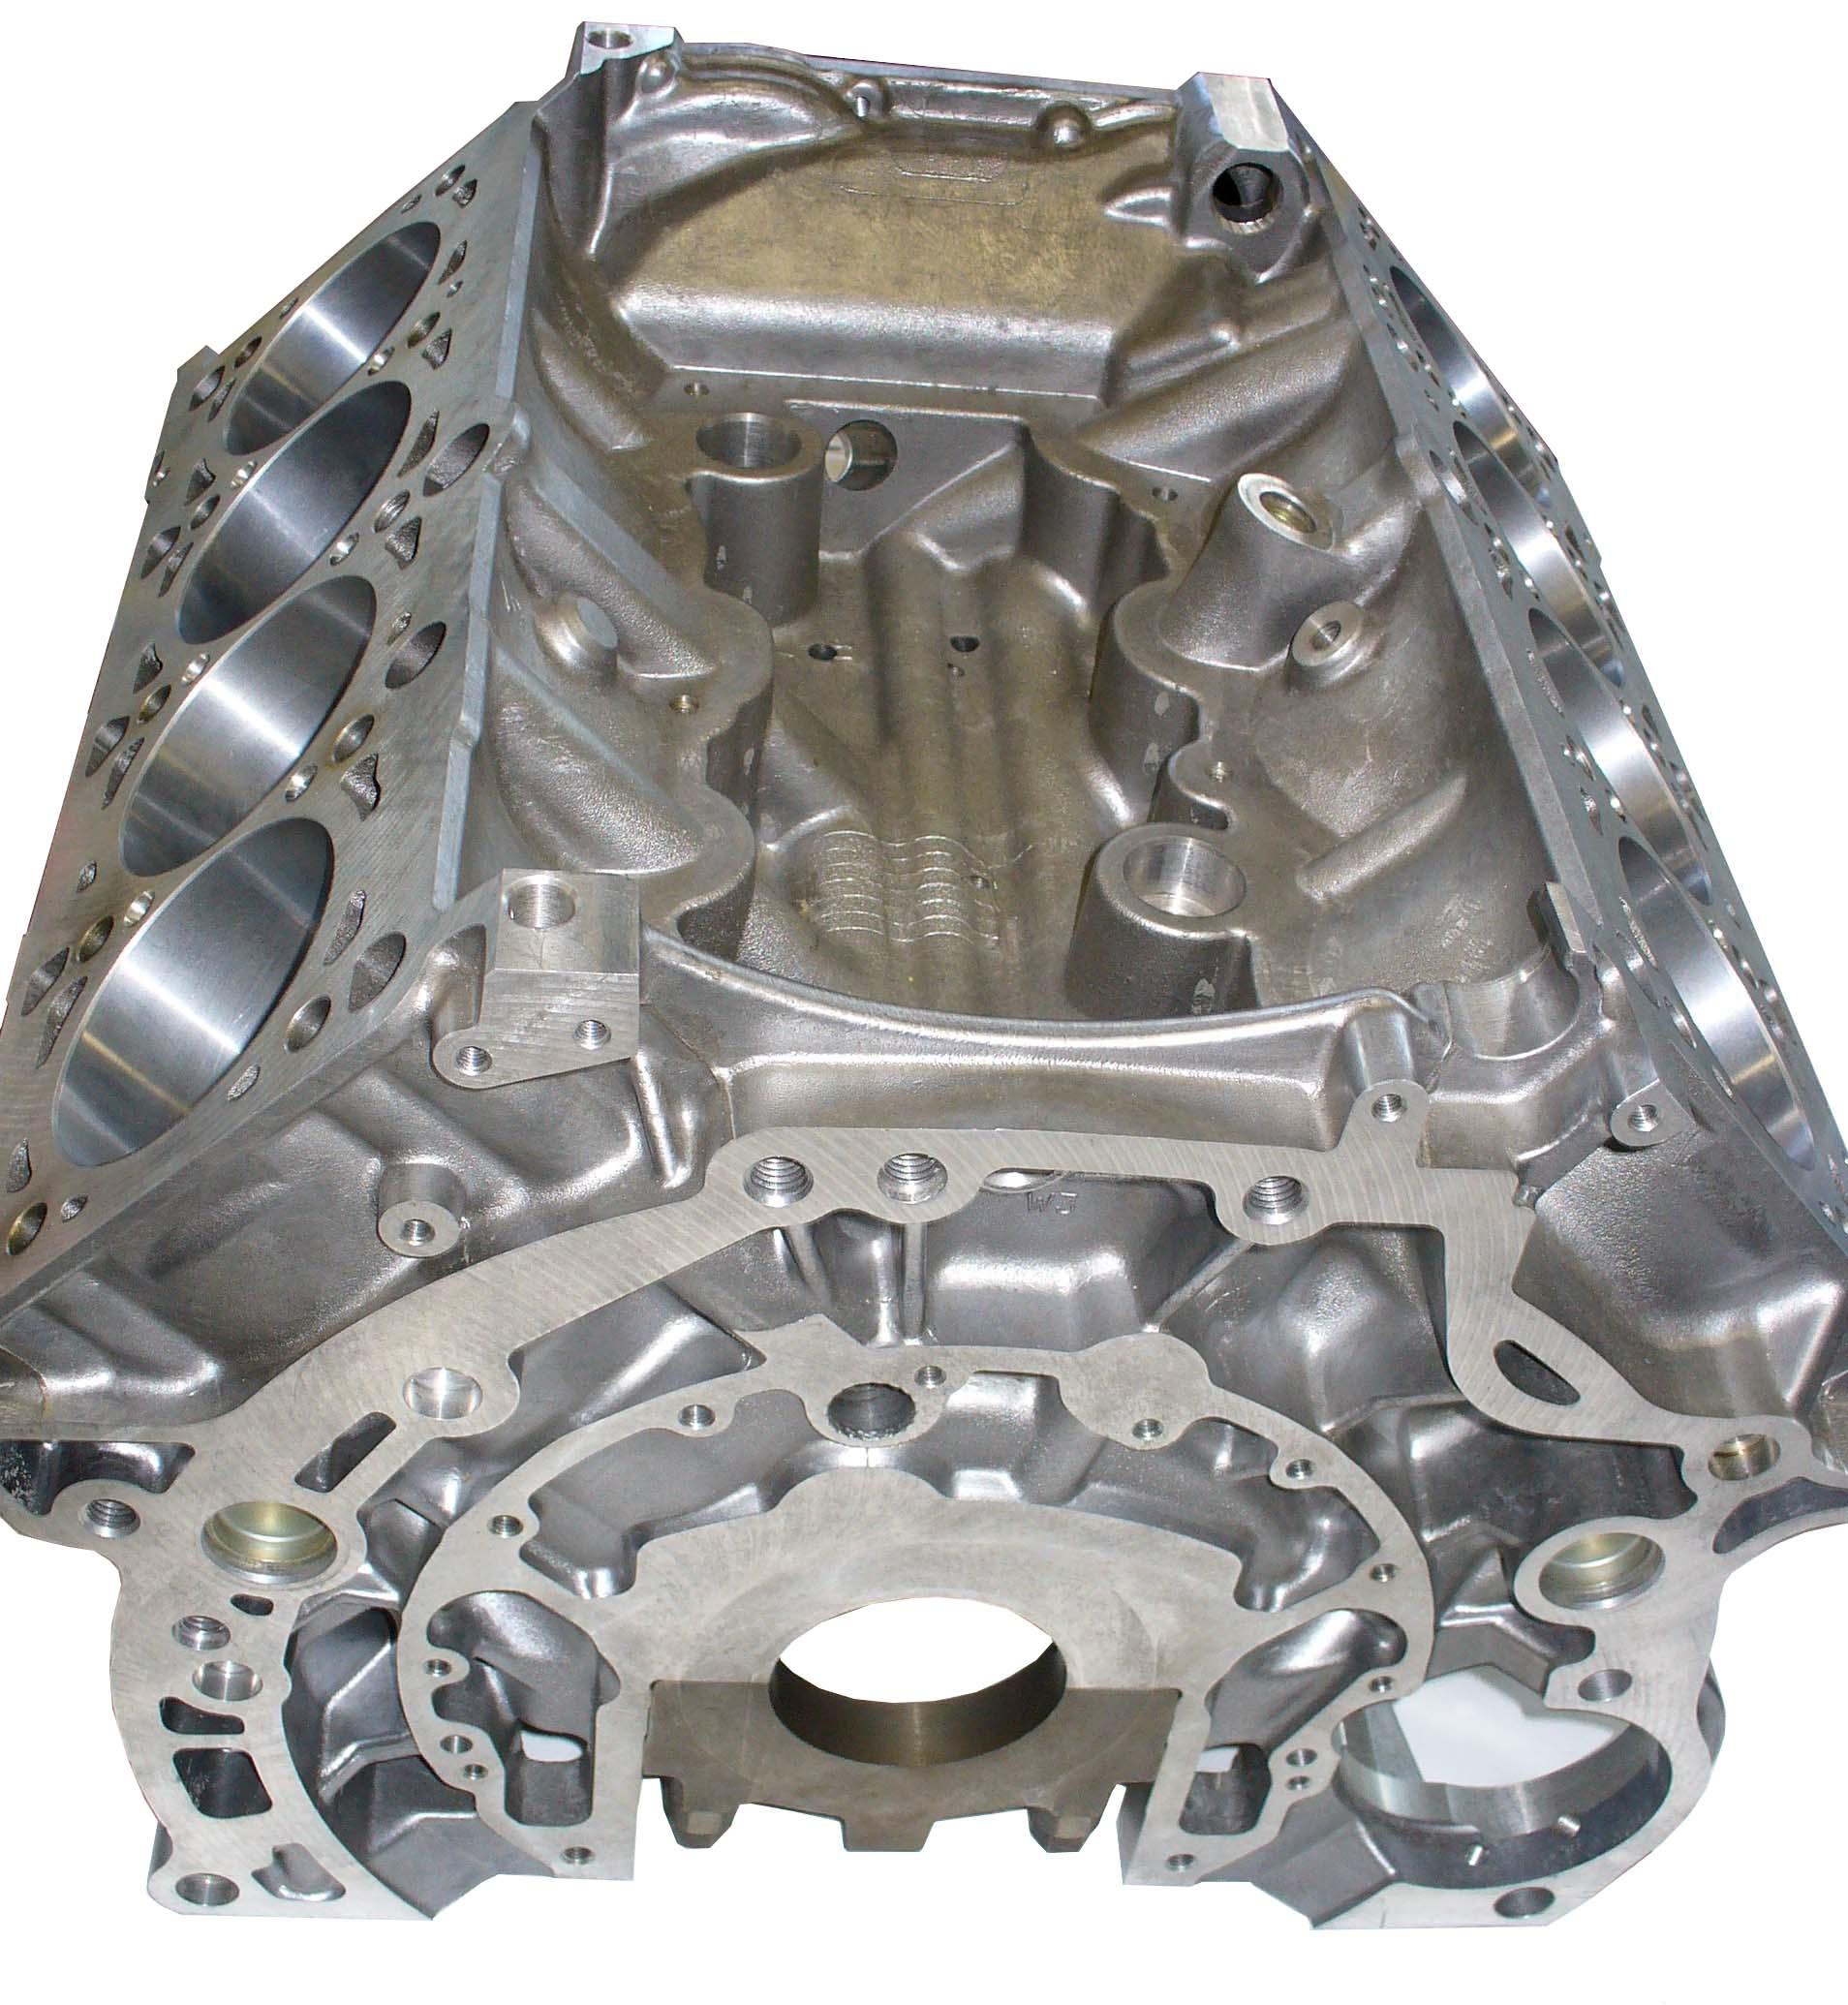 Foto von einem Aluminiummotorblockgehäuse eines V8-Motors